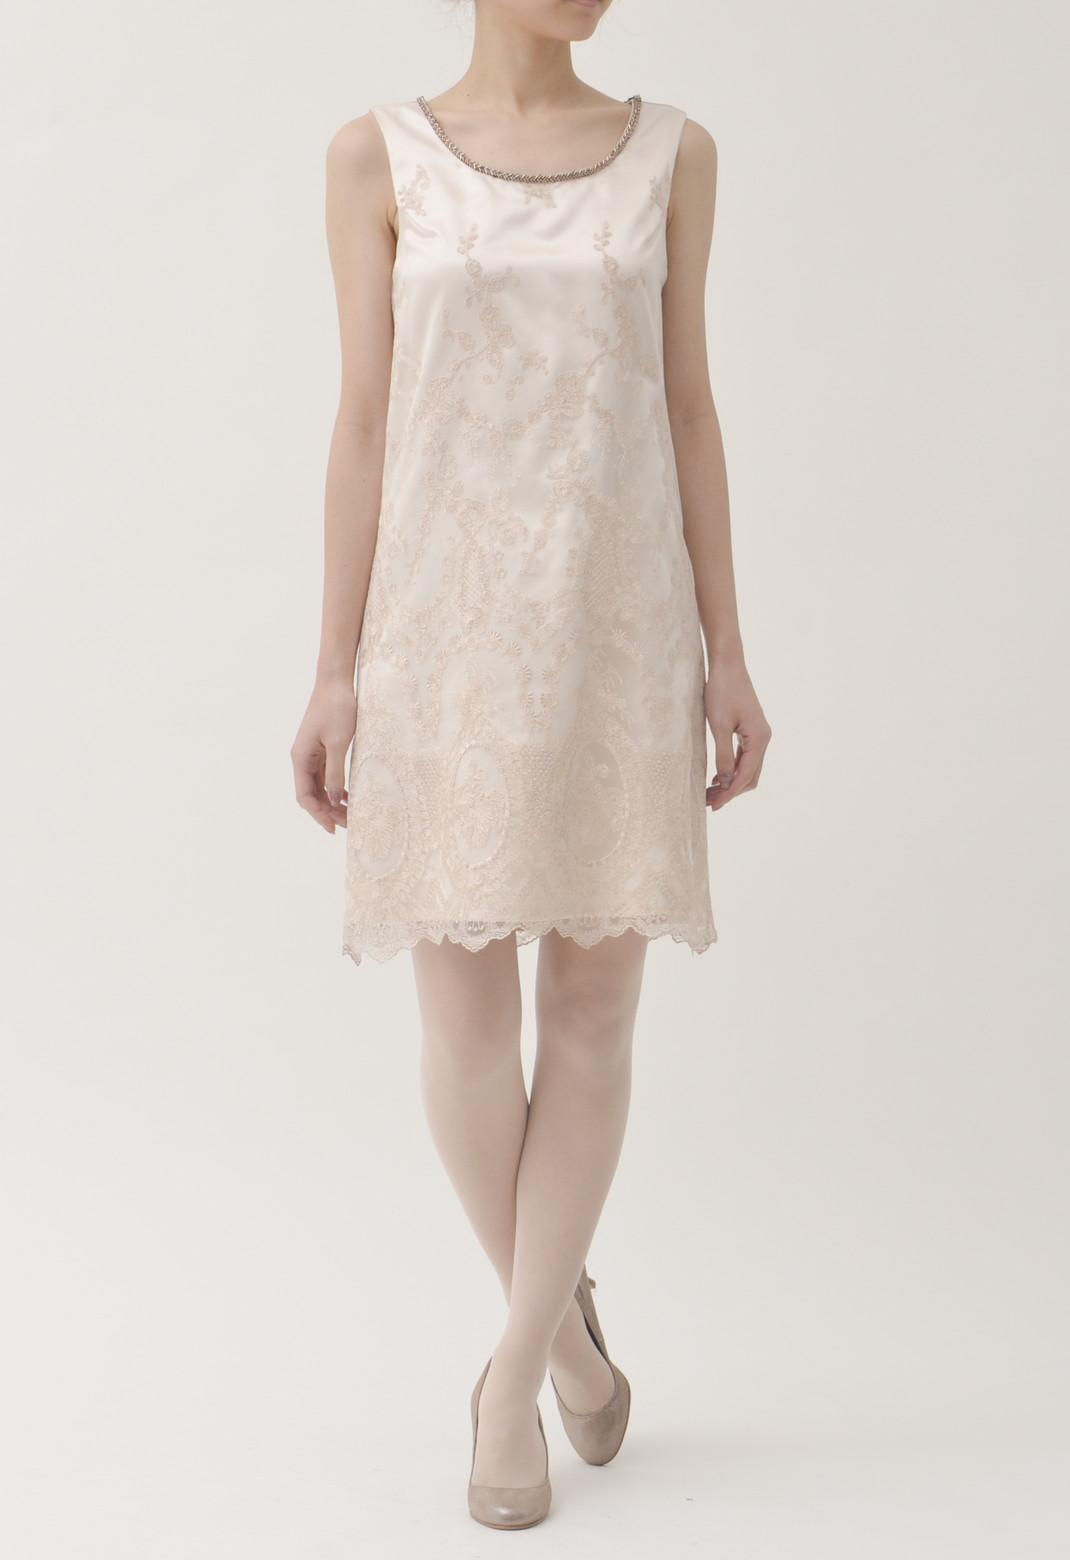 ネックビーズ飾り フラワー刺繍 ノースリーブドレス